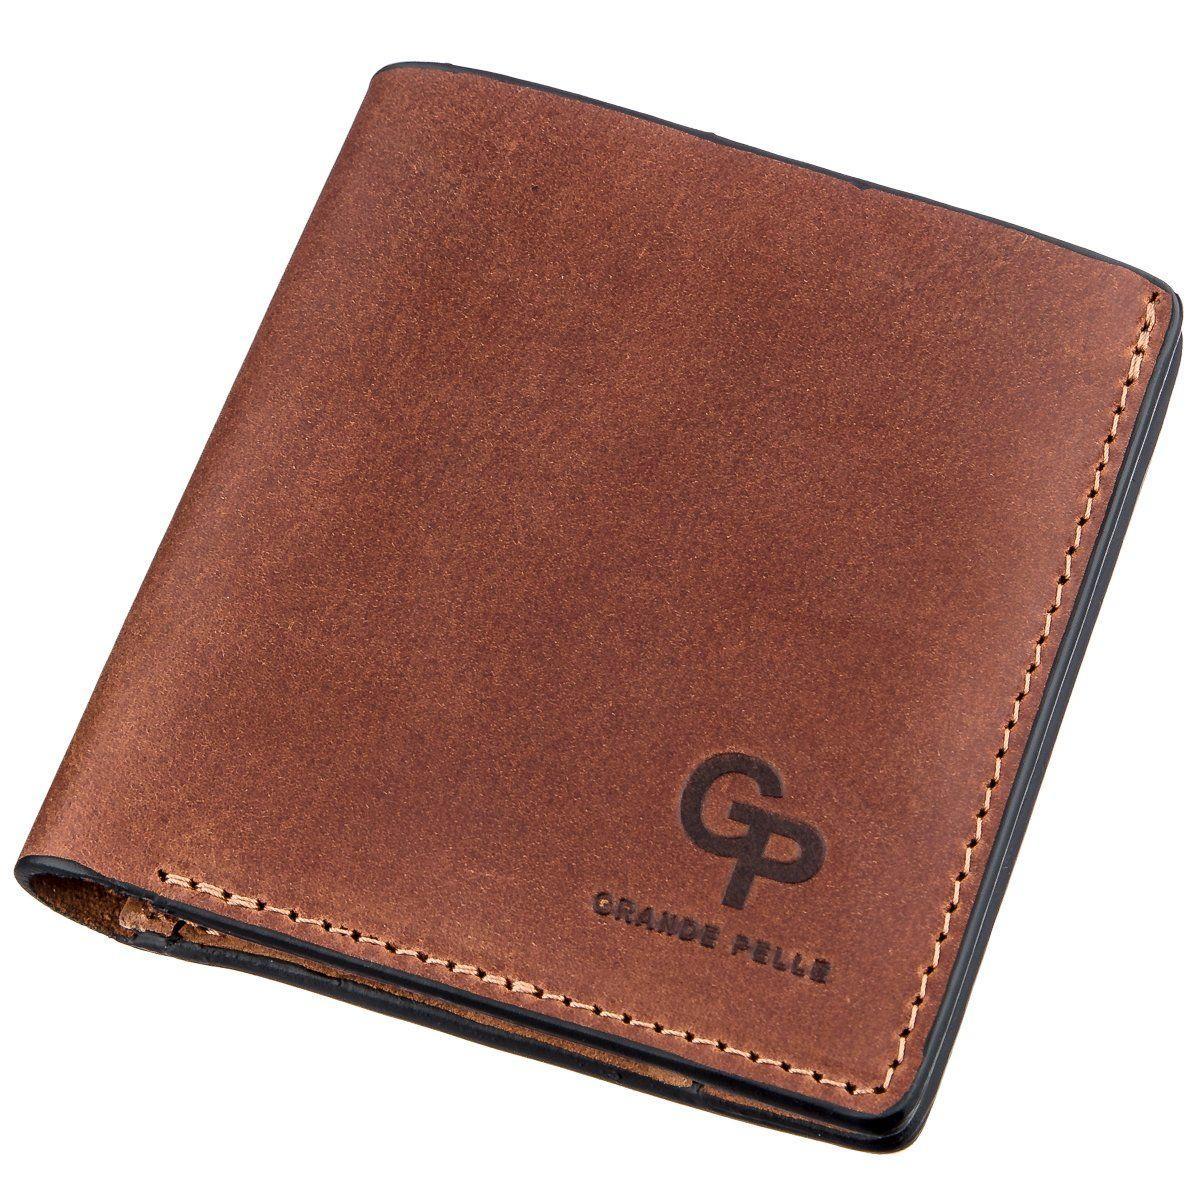 Компактное портмоне унисекс с накладной монетницей GRANDE PELLE 11238 Коричневое, Коричневый